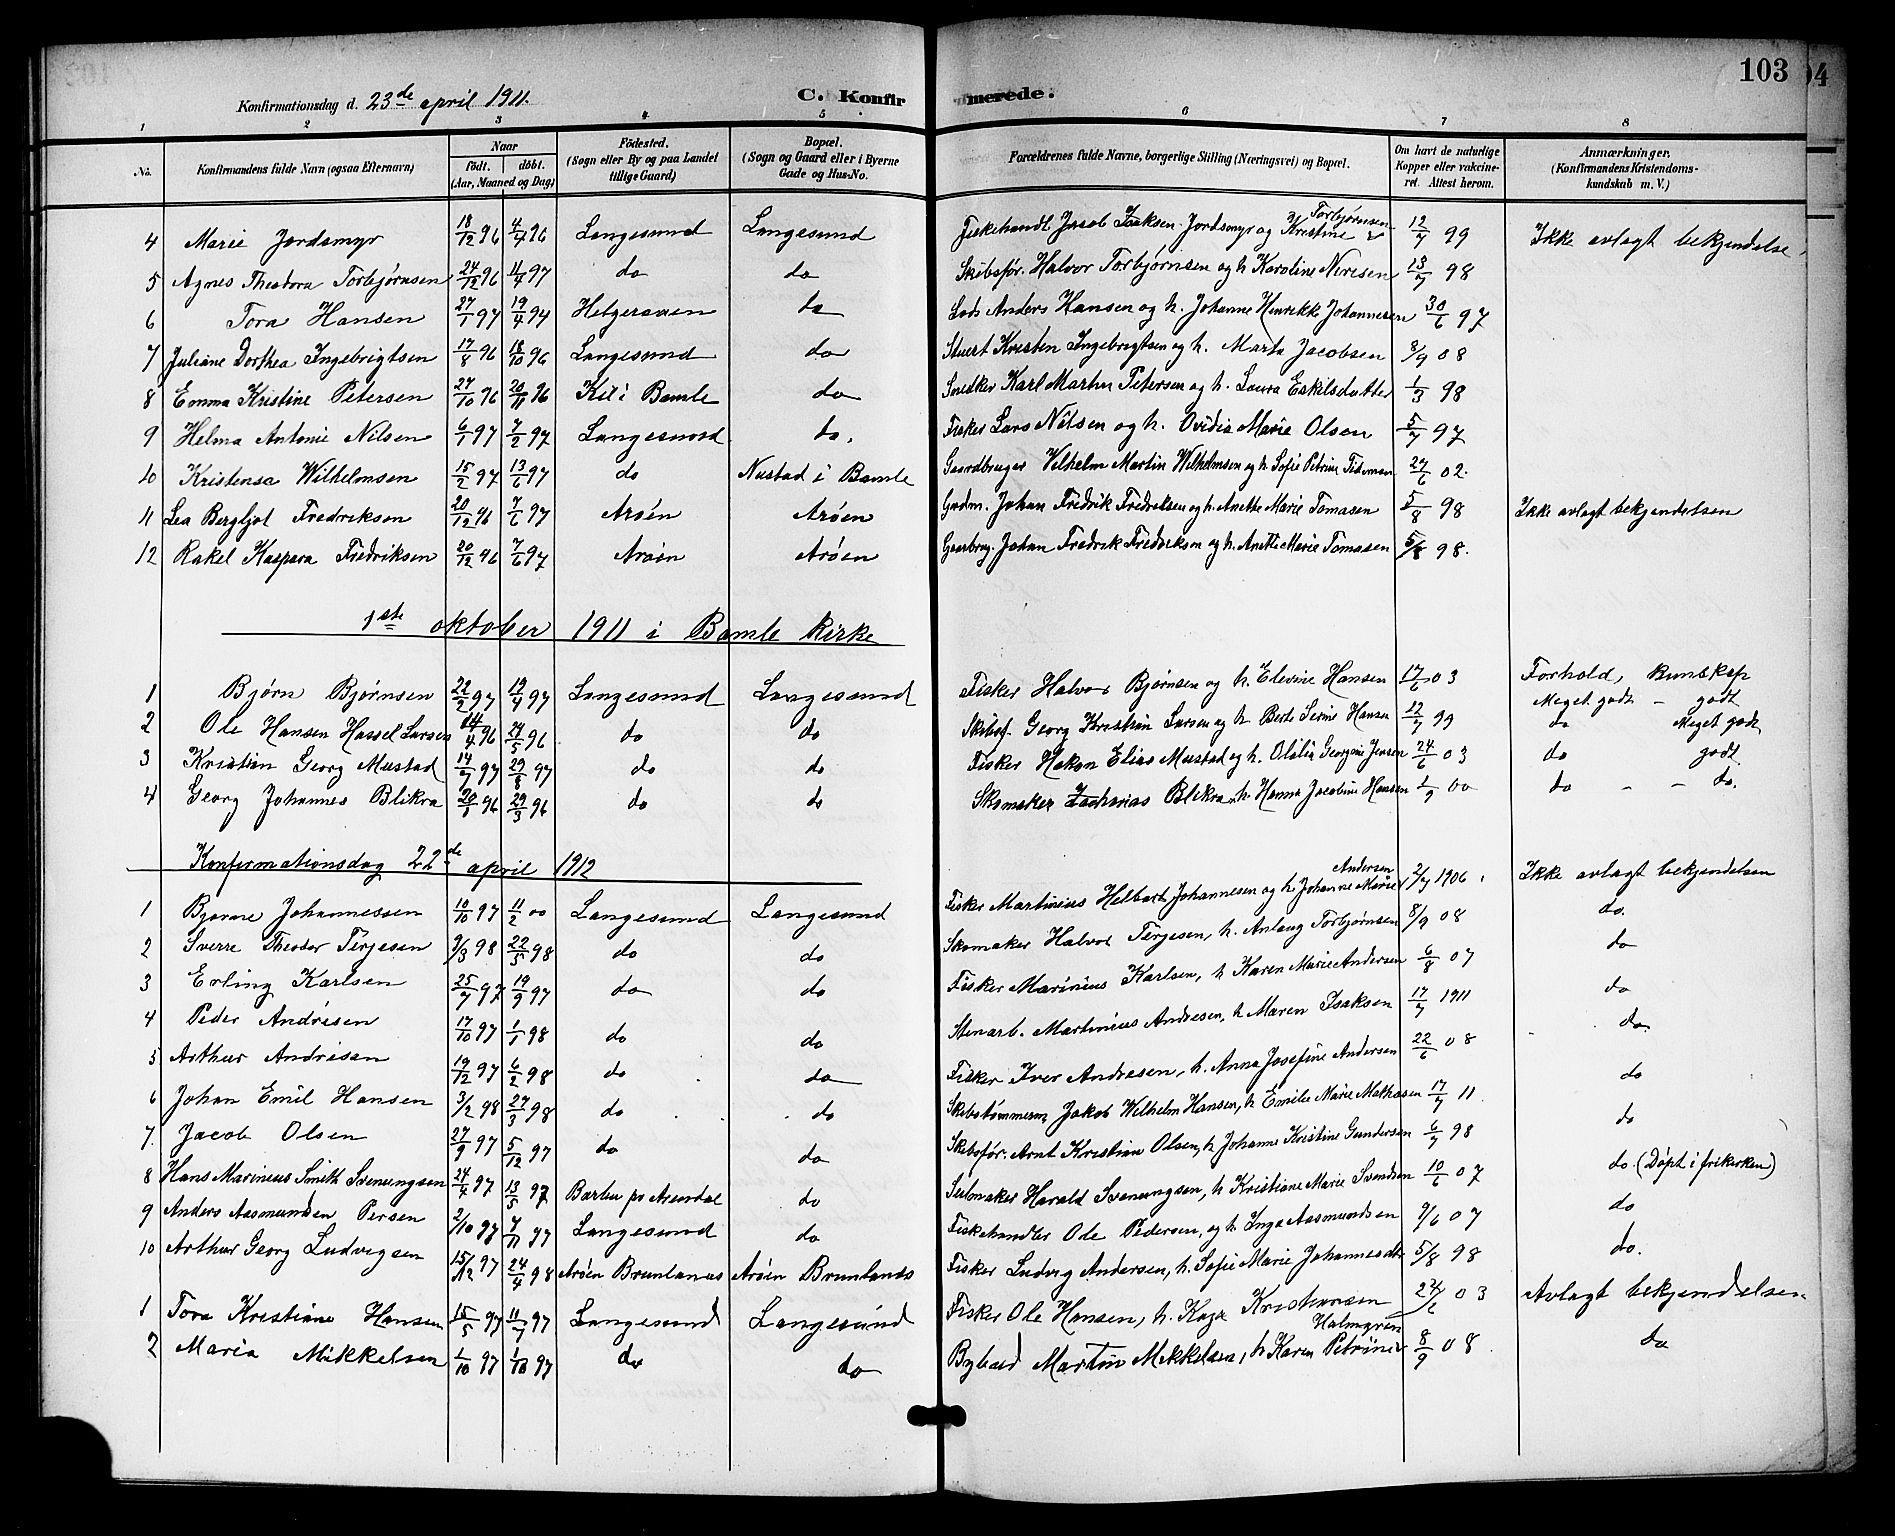 SAKO, Langesund kirkebøker, G/Ga/L0006: Klokkerbok nr. 6, 1899-1918, s. 103